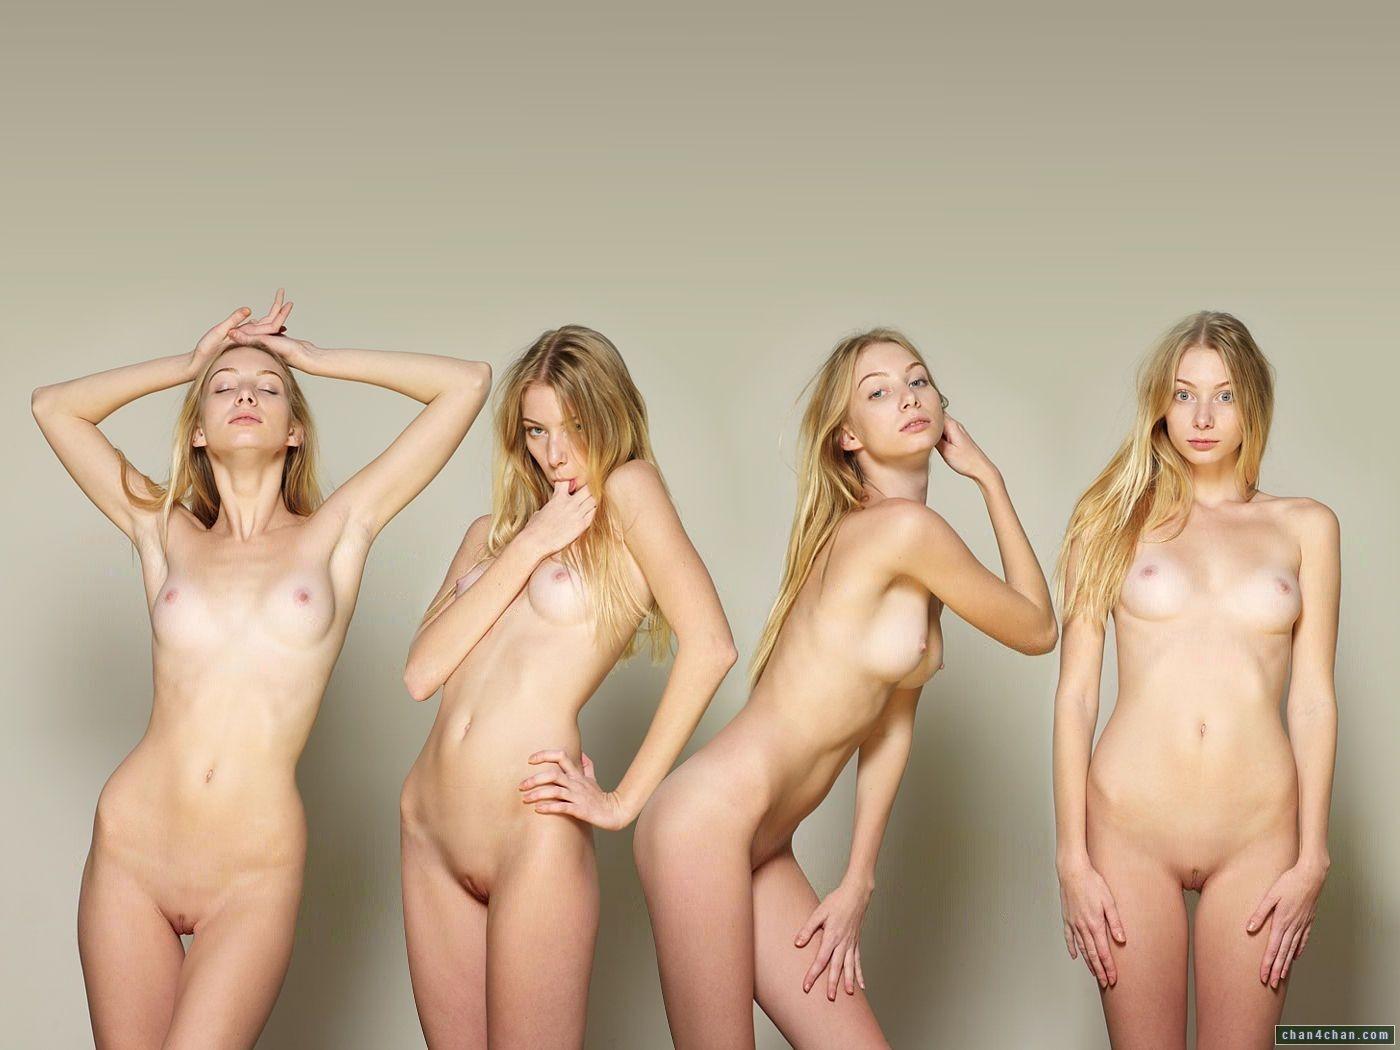 Голые Девушки Подростки Бесплатно